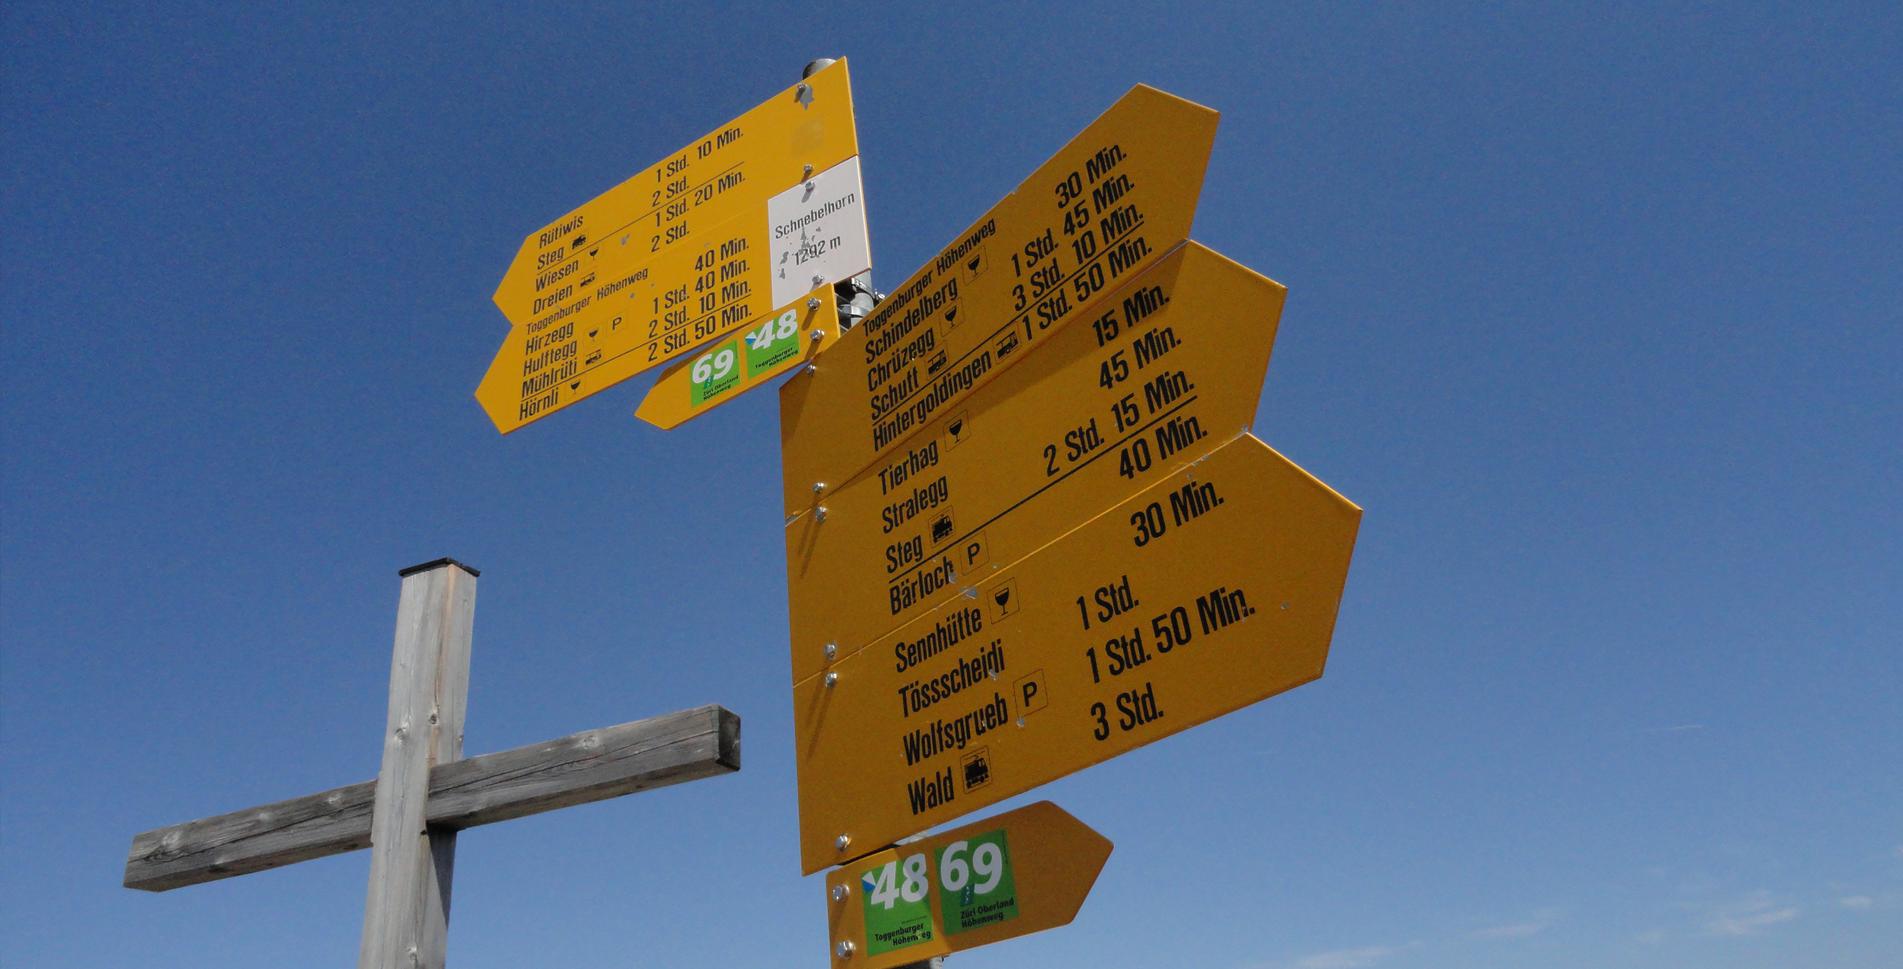 Wanderung auf's Schnebelhorn, 1'292 m – höchster Gipfel des Kanton Zürich